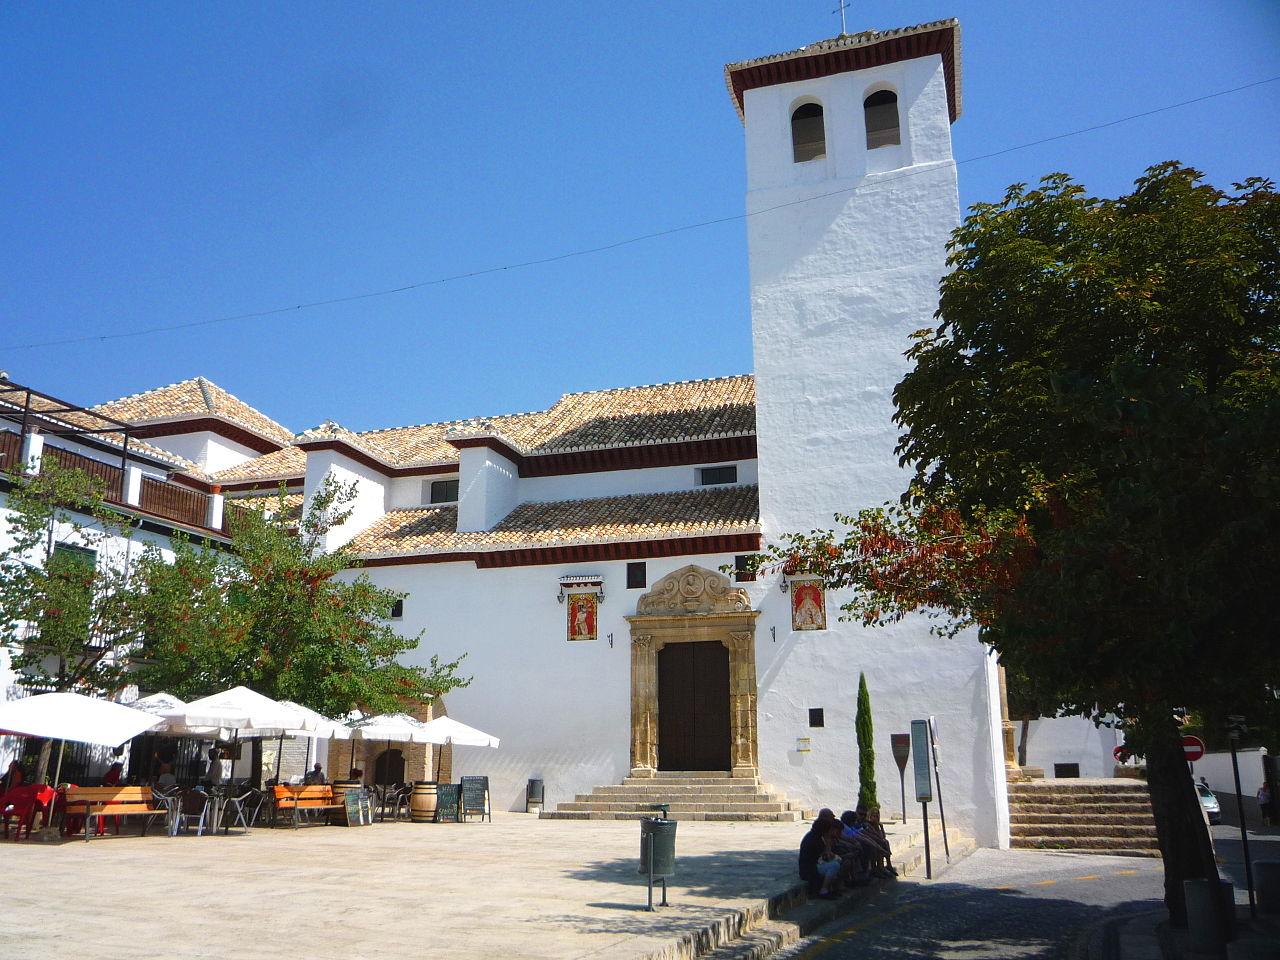 Церковь и площадь Сан-Мигель-Бахо в районе Альбайсин, Гранада